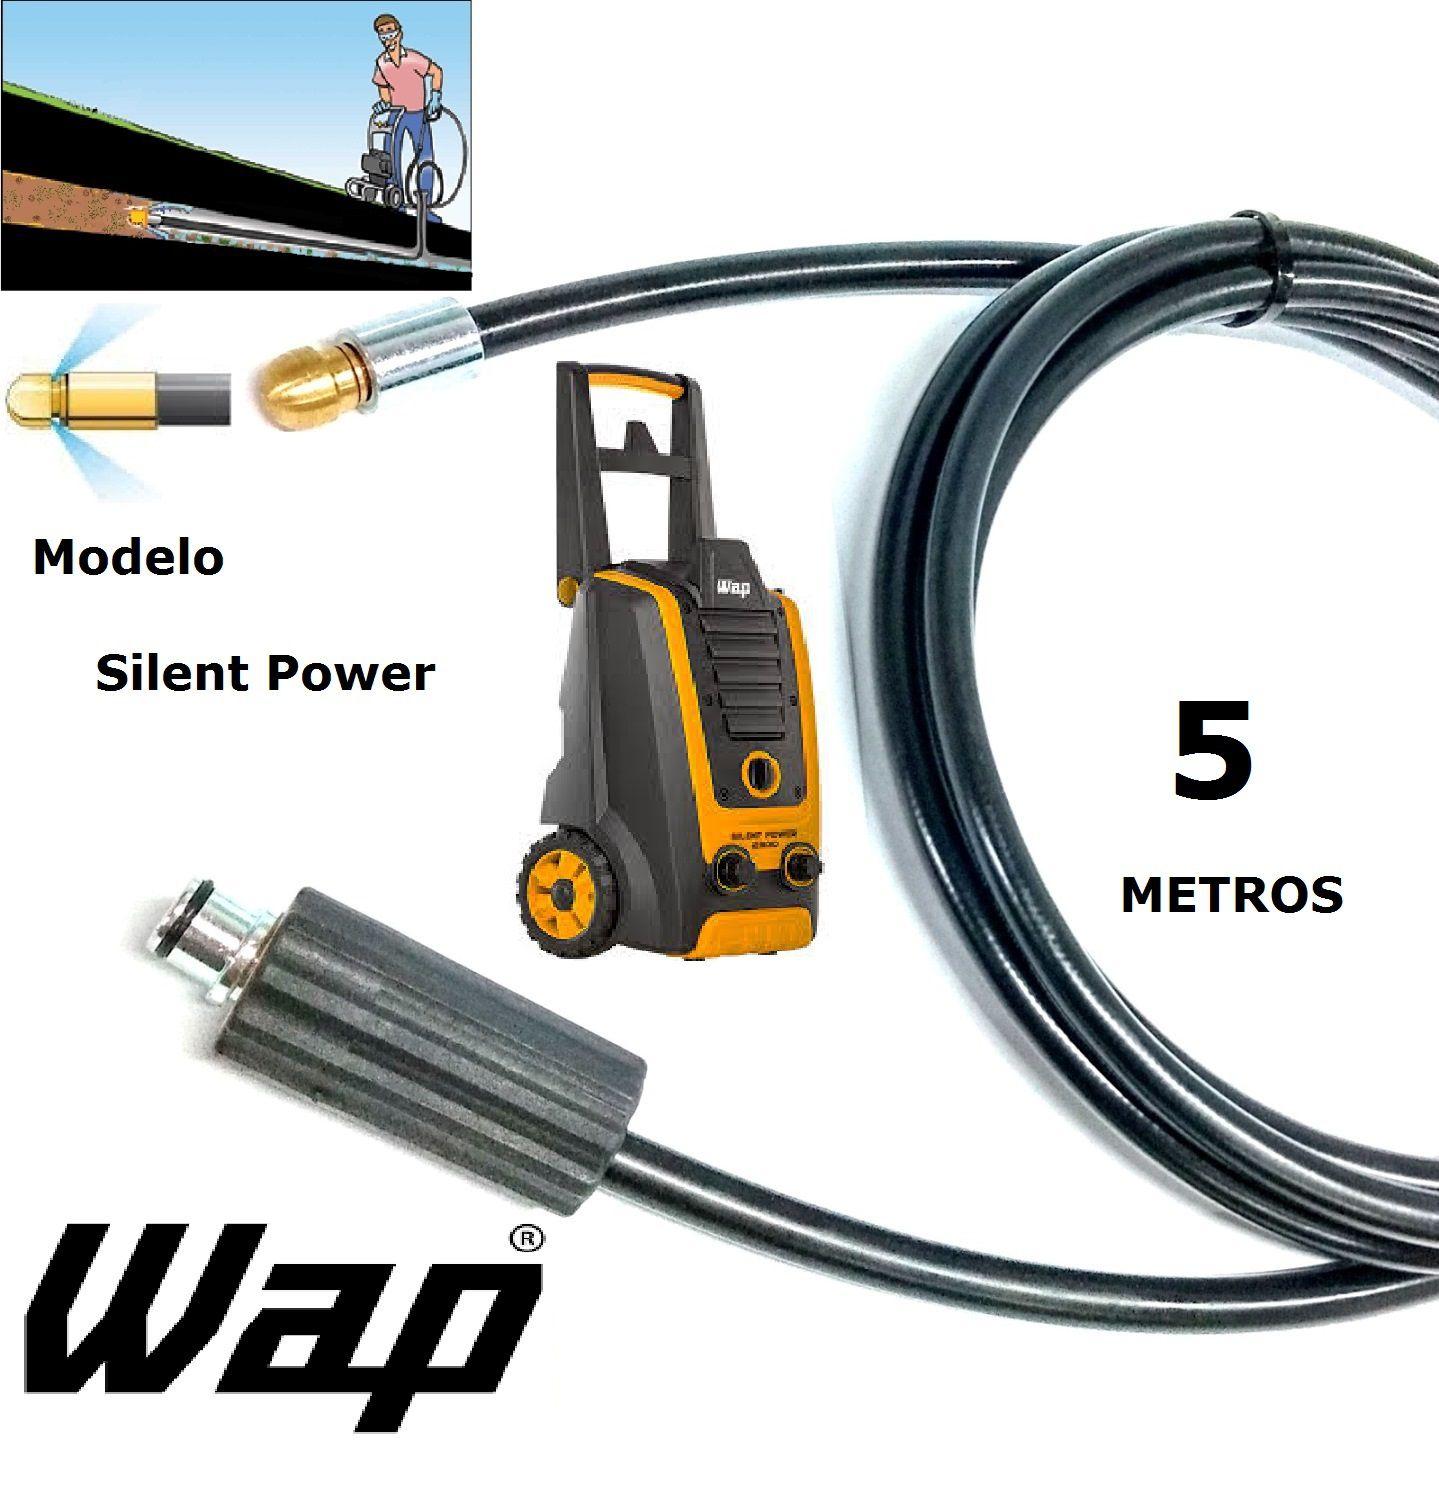 Mangueira desentupidora de tubulação WAP - 5 Metros - Wap SILENT POWER